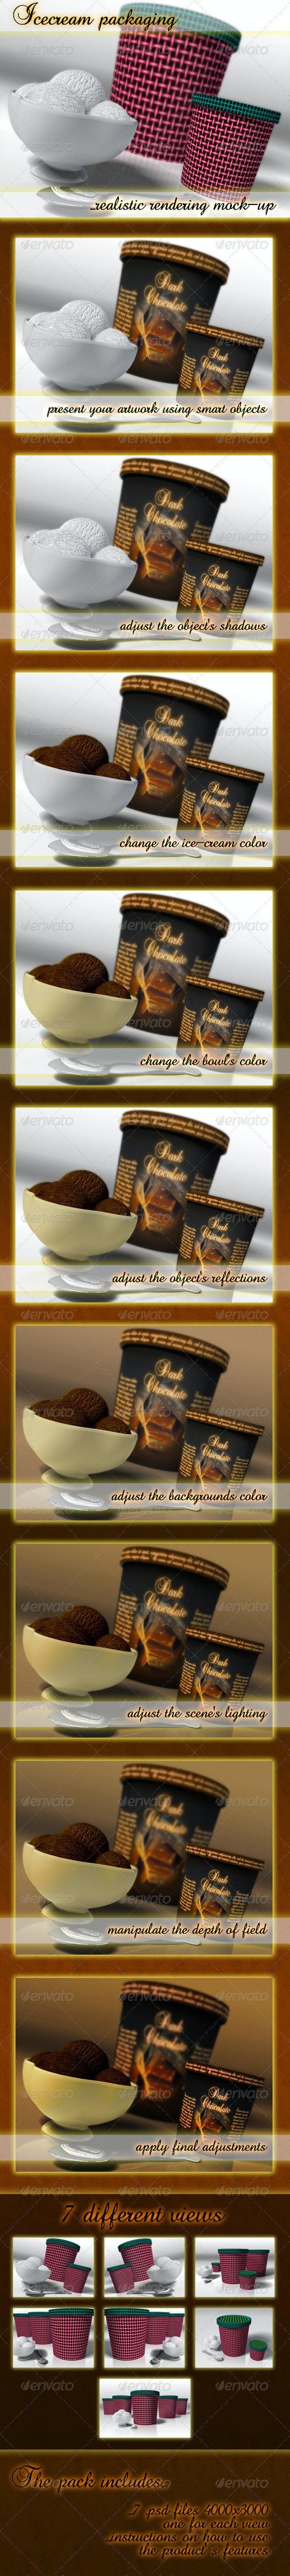 Icecream Packaging Mockup - Food and Drink Packaging